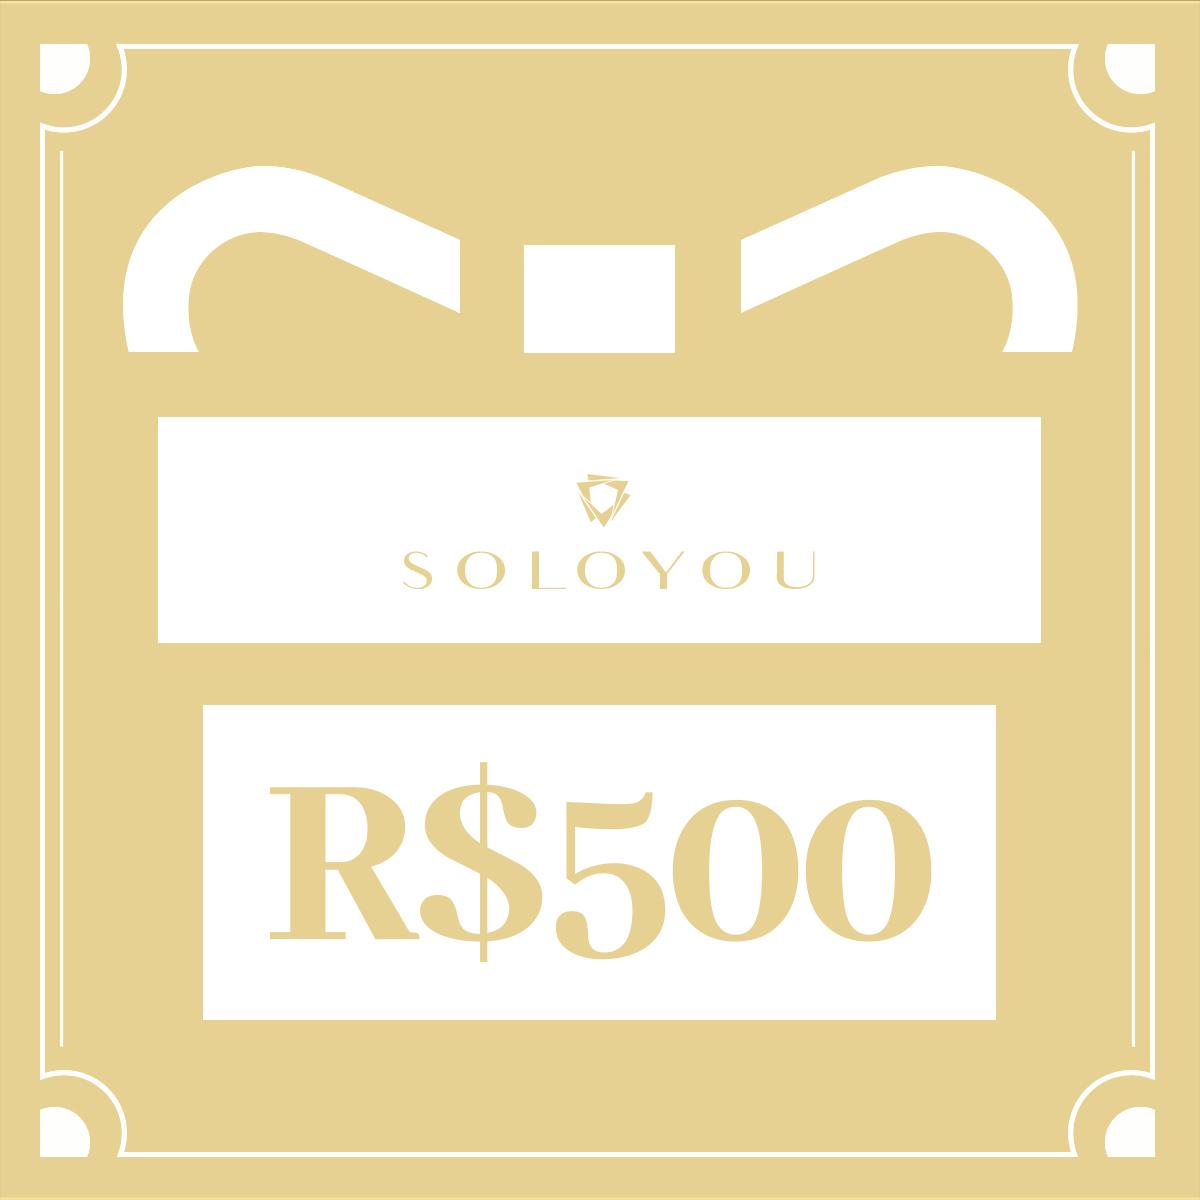 Cartão Presente Surpreenda com Soloyou - R$ 500  - Soloyou